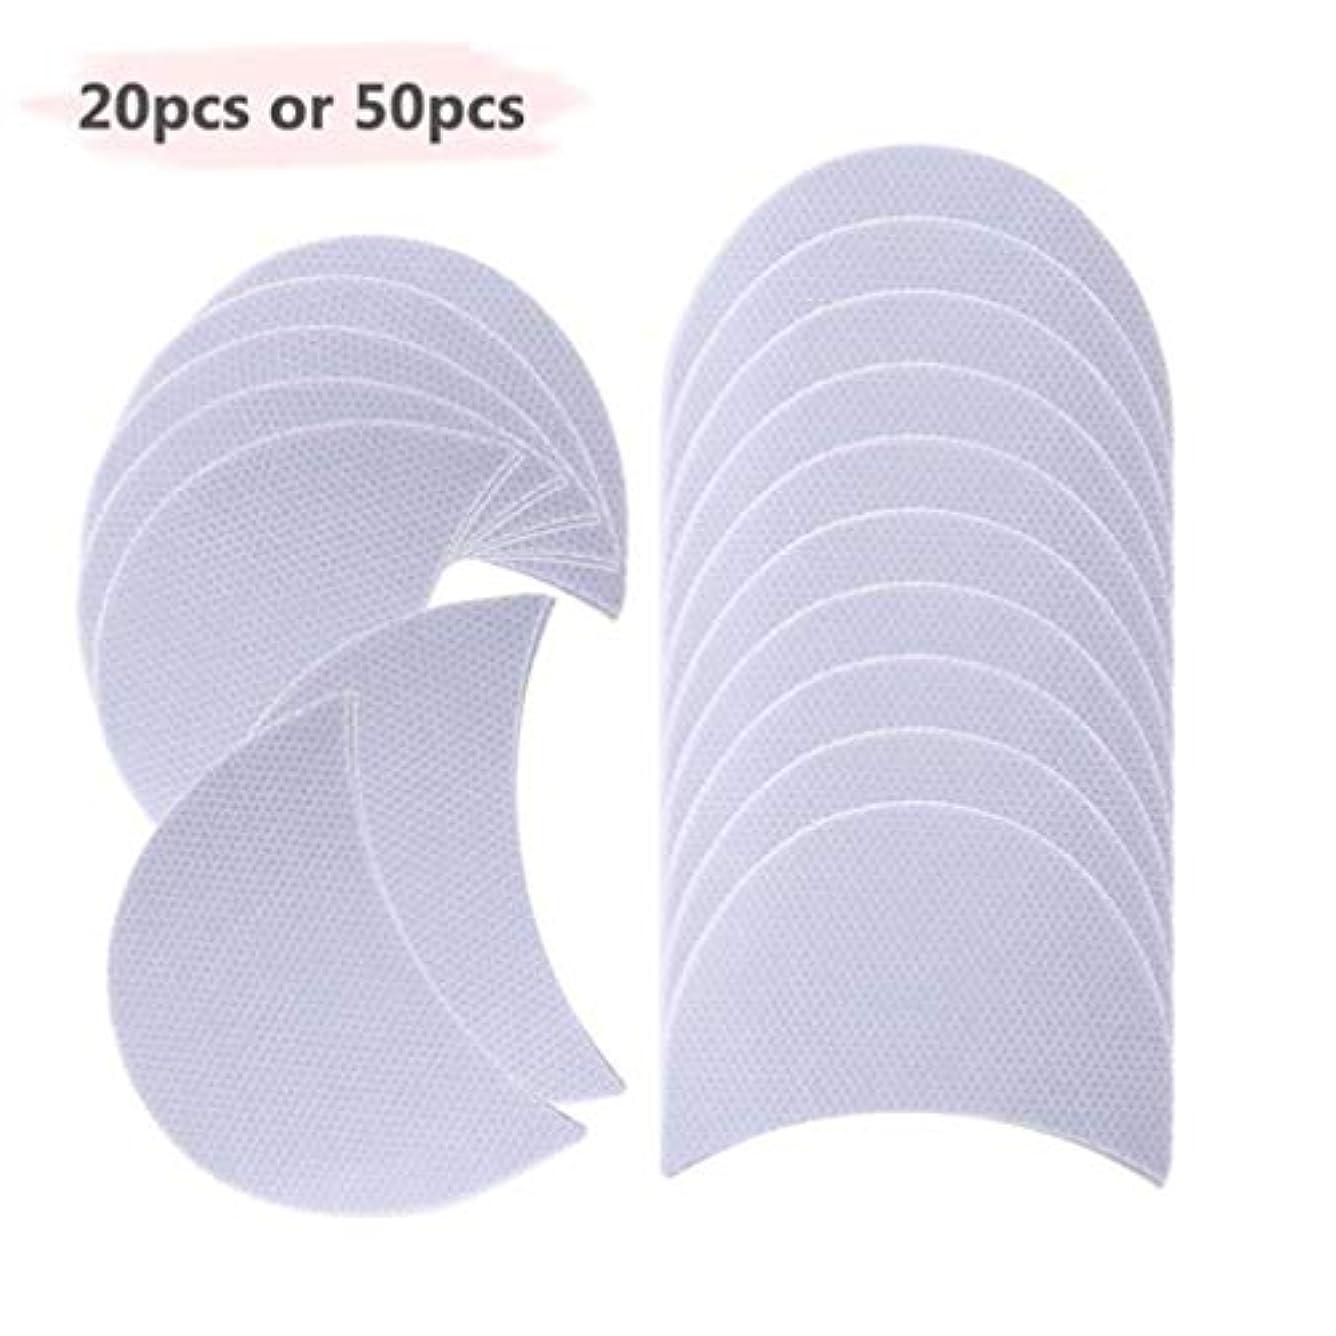 半円製品アイシャドウシールズパッチまつげパッドの下翼のアイライナーステッカーメイクレディ女性化粧品アイシャドウ紙